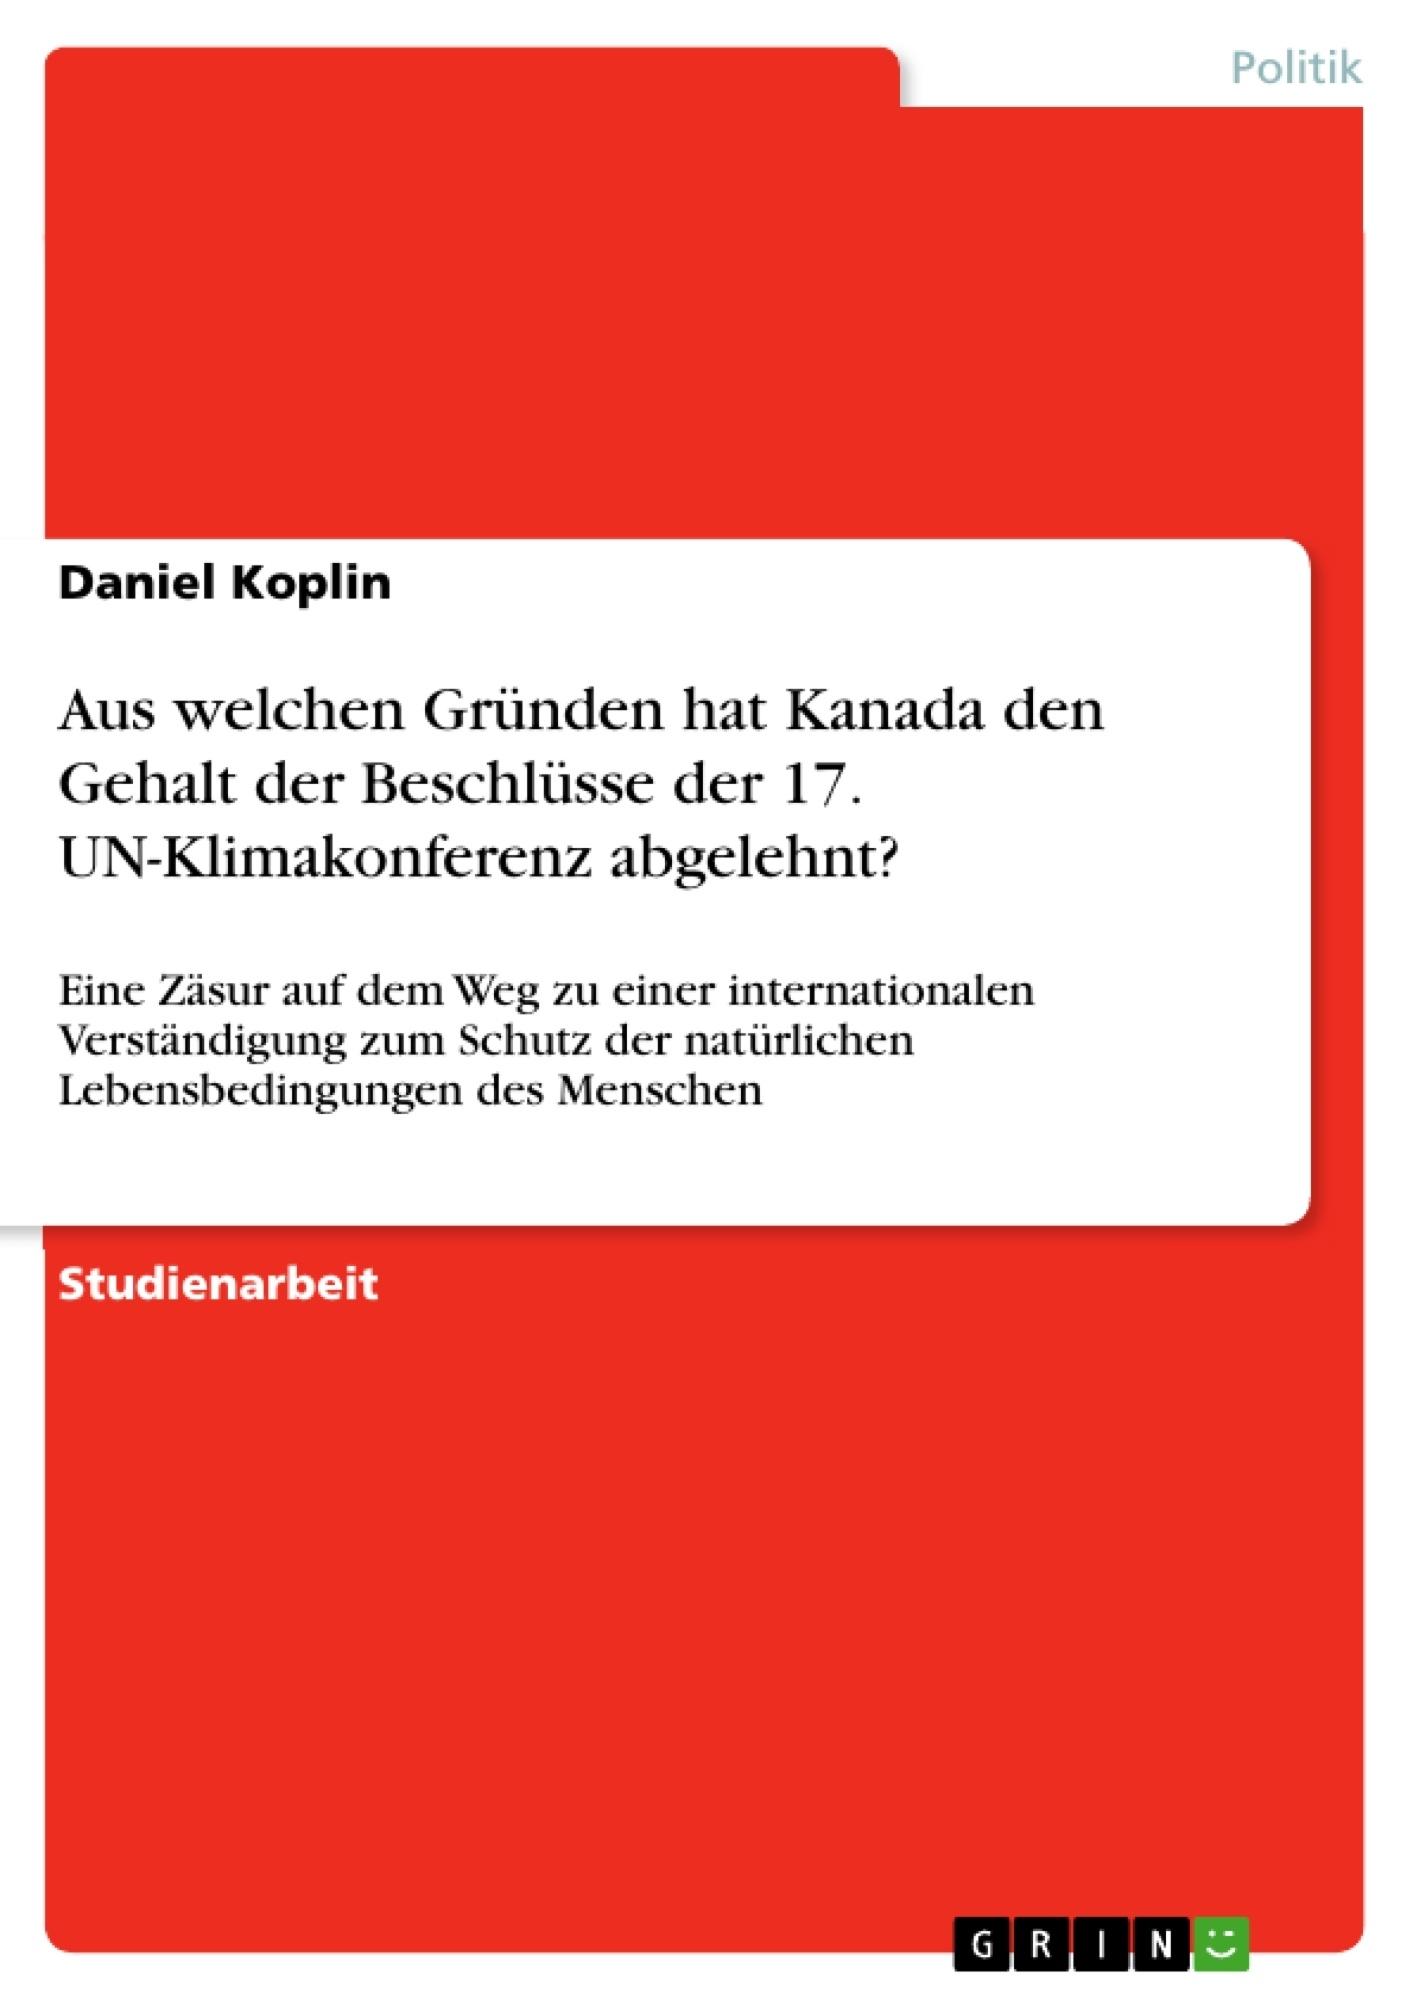 Titel: Aus welchen Gründen hat Kanada den Gehalt der Beschlüsse der 17. UN-Klimakonferenz abgelehnt?